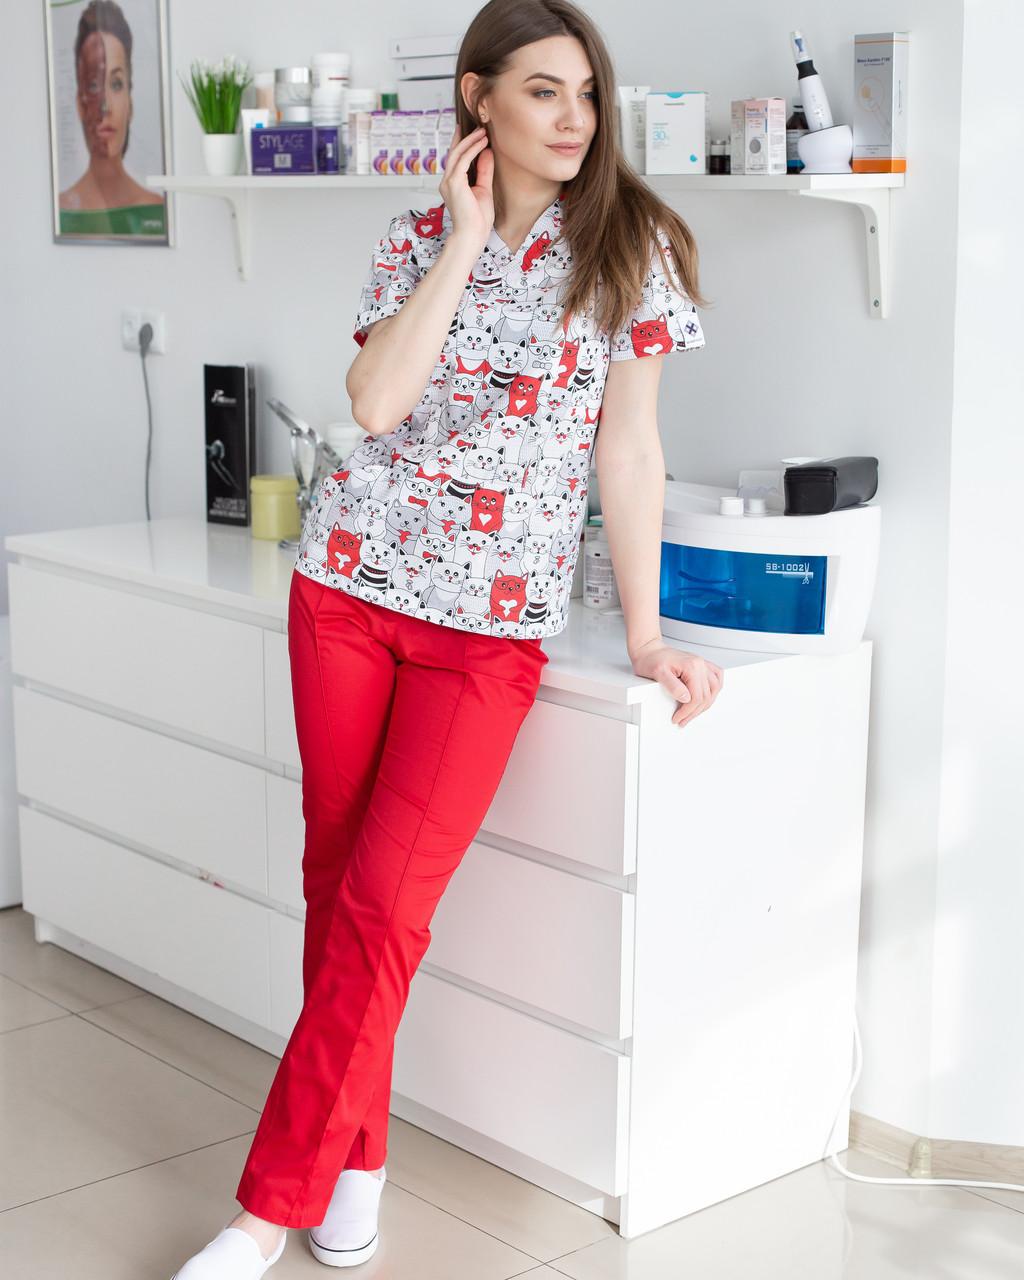 Медицинский женский костюм Топаз принт коты